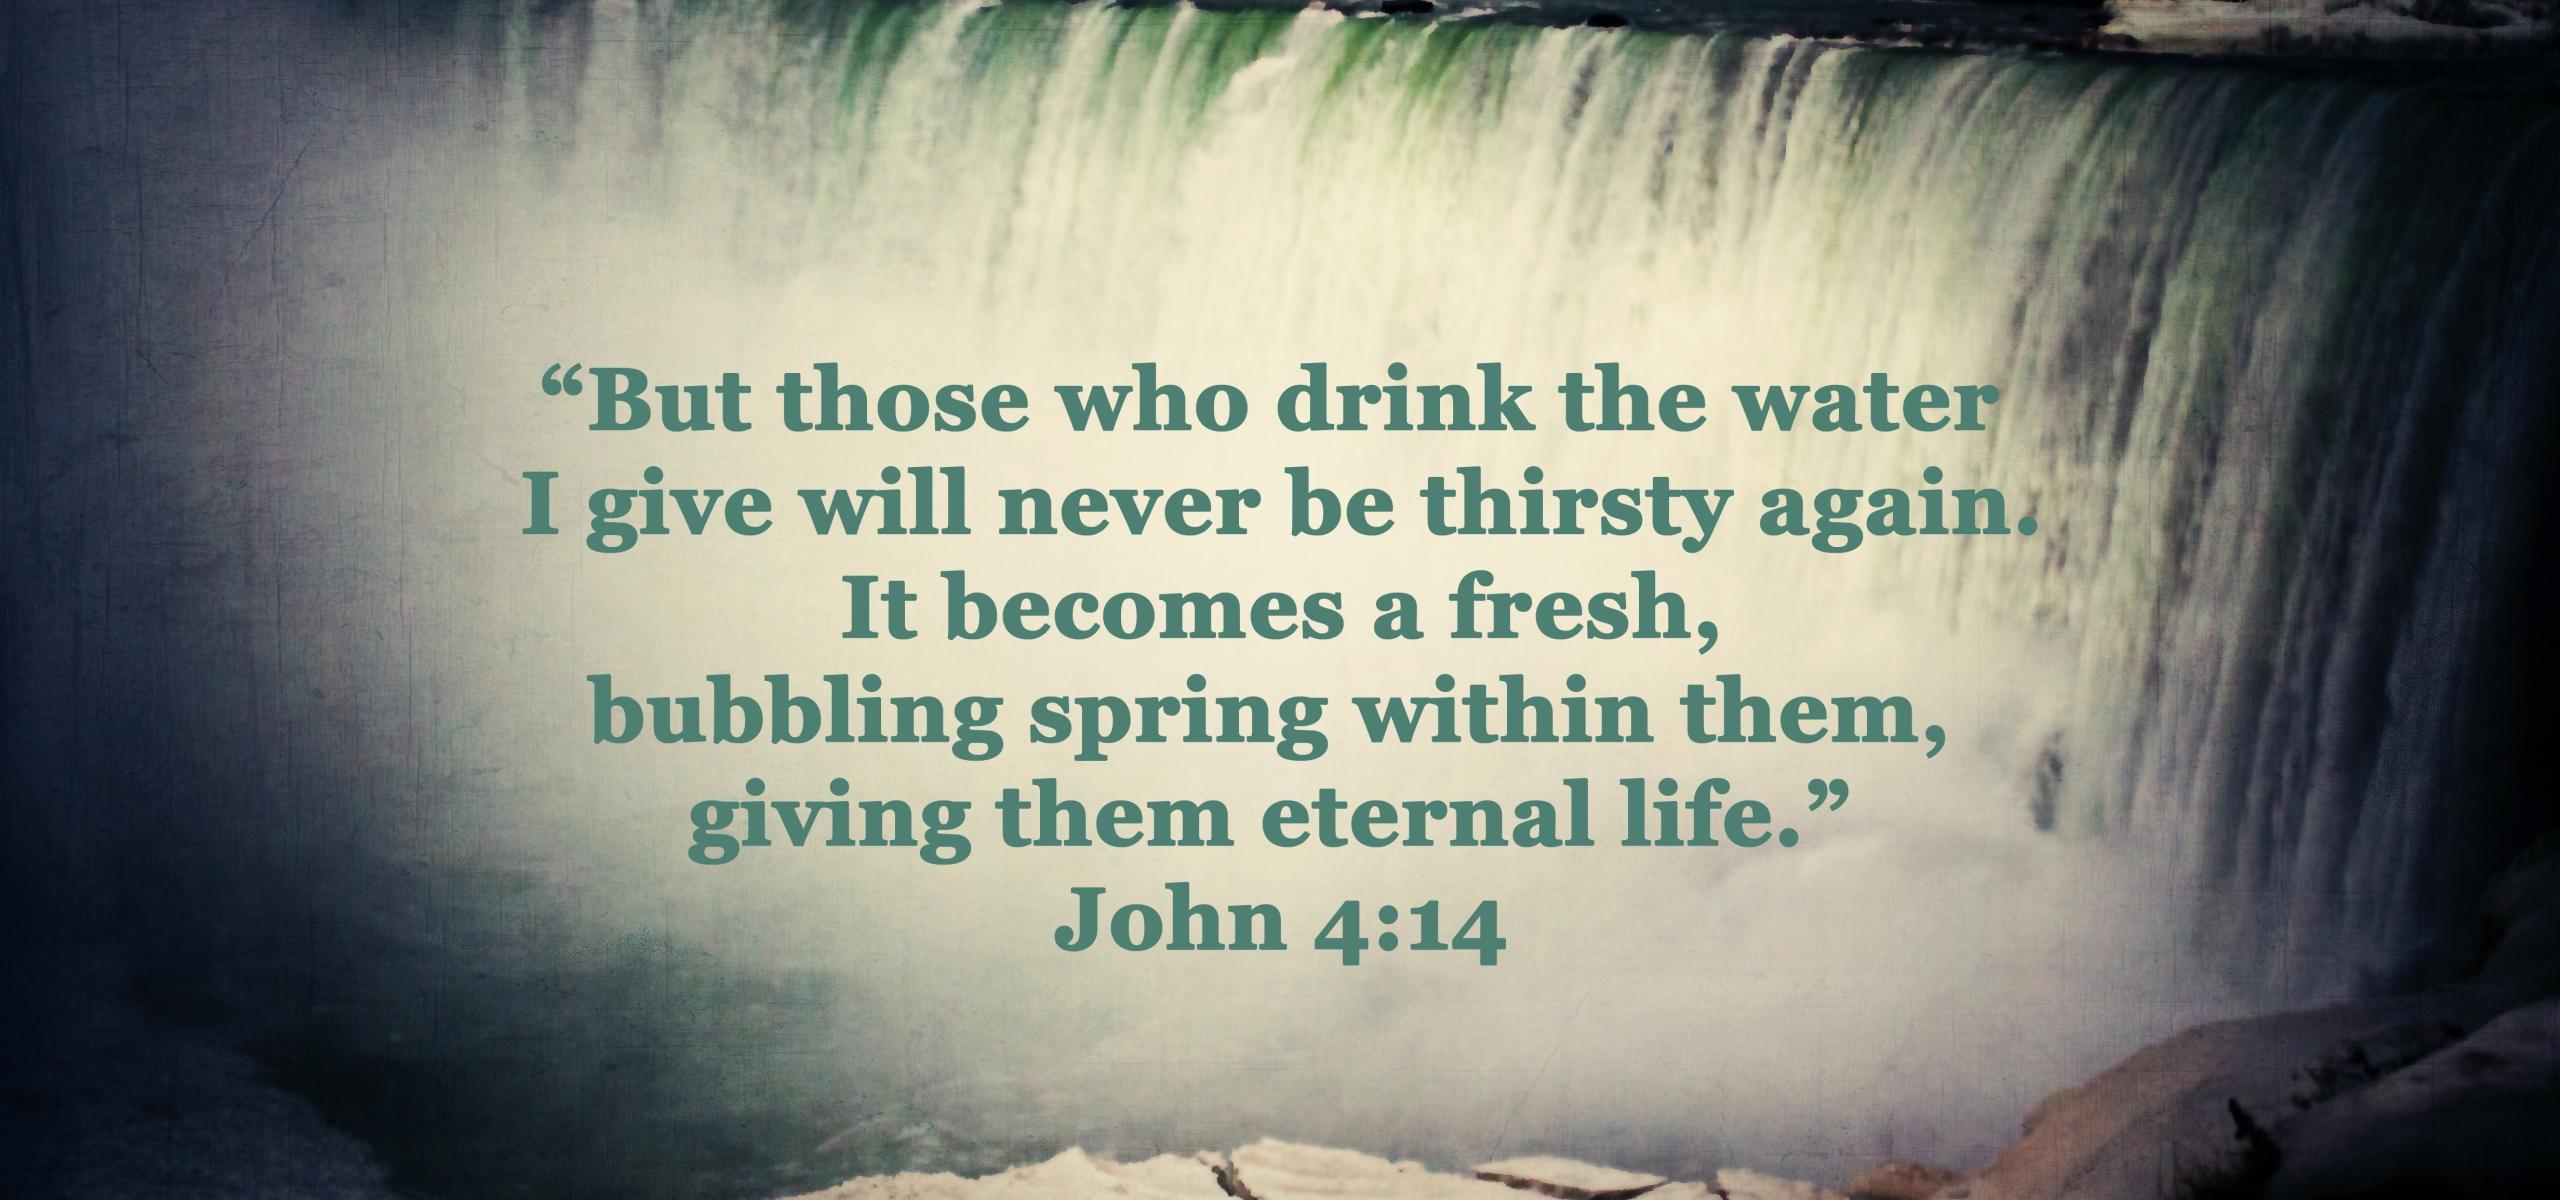 John 4:14